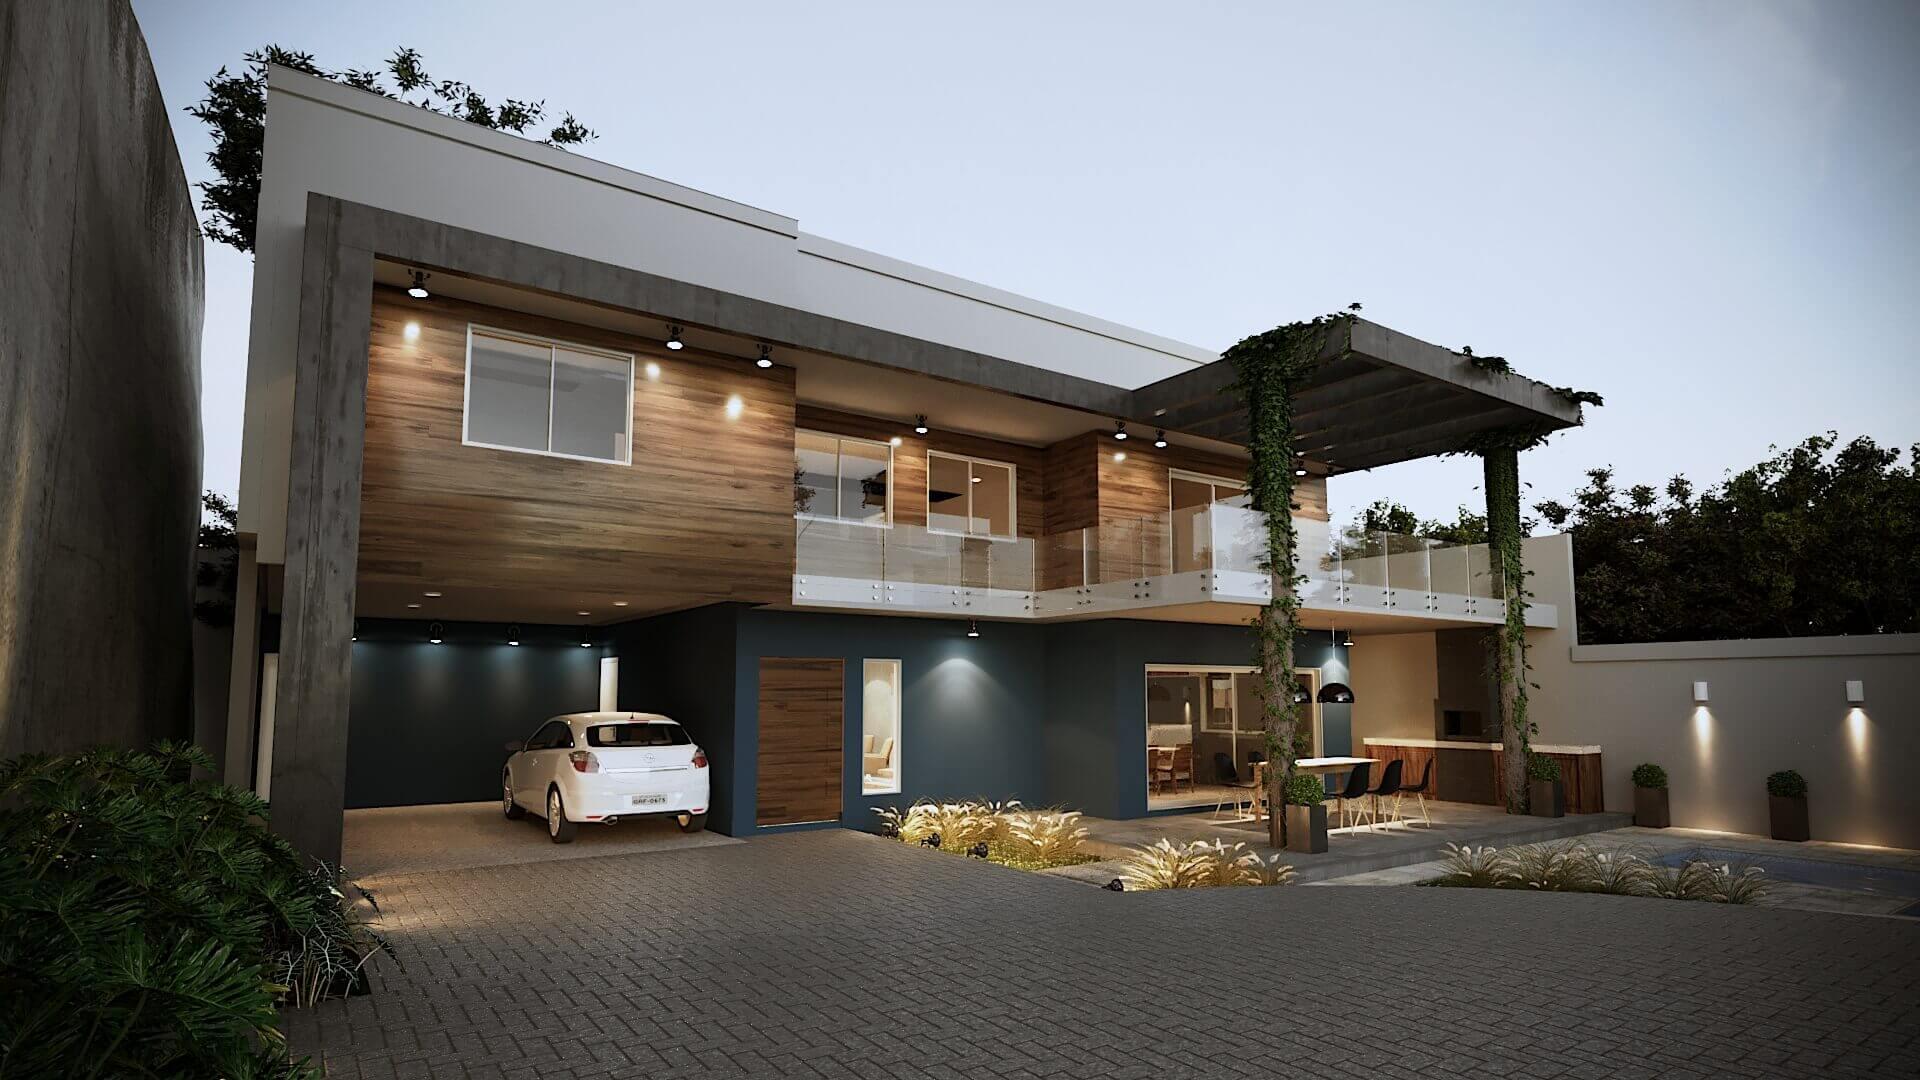 Projeto casa fachada moderna df gelker ribeiro arquitetura for Casa moderna wallpaper